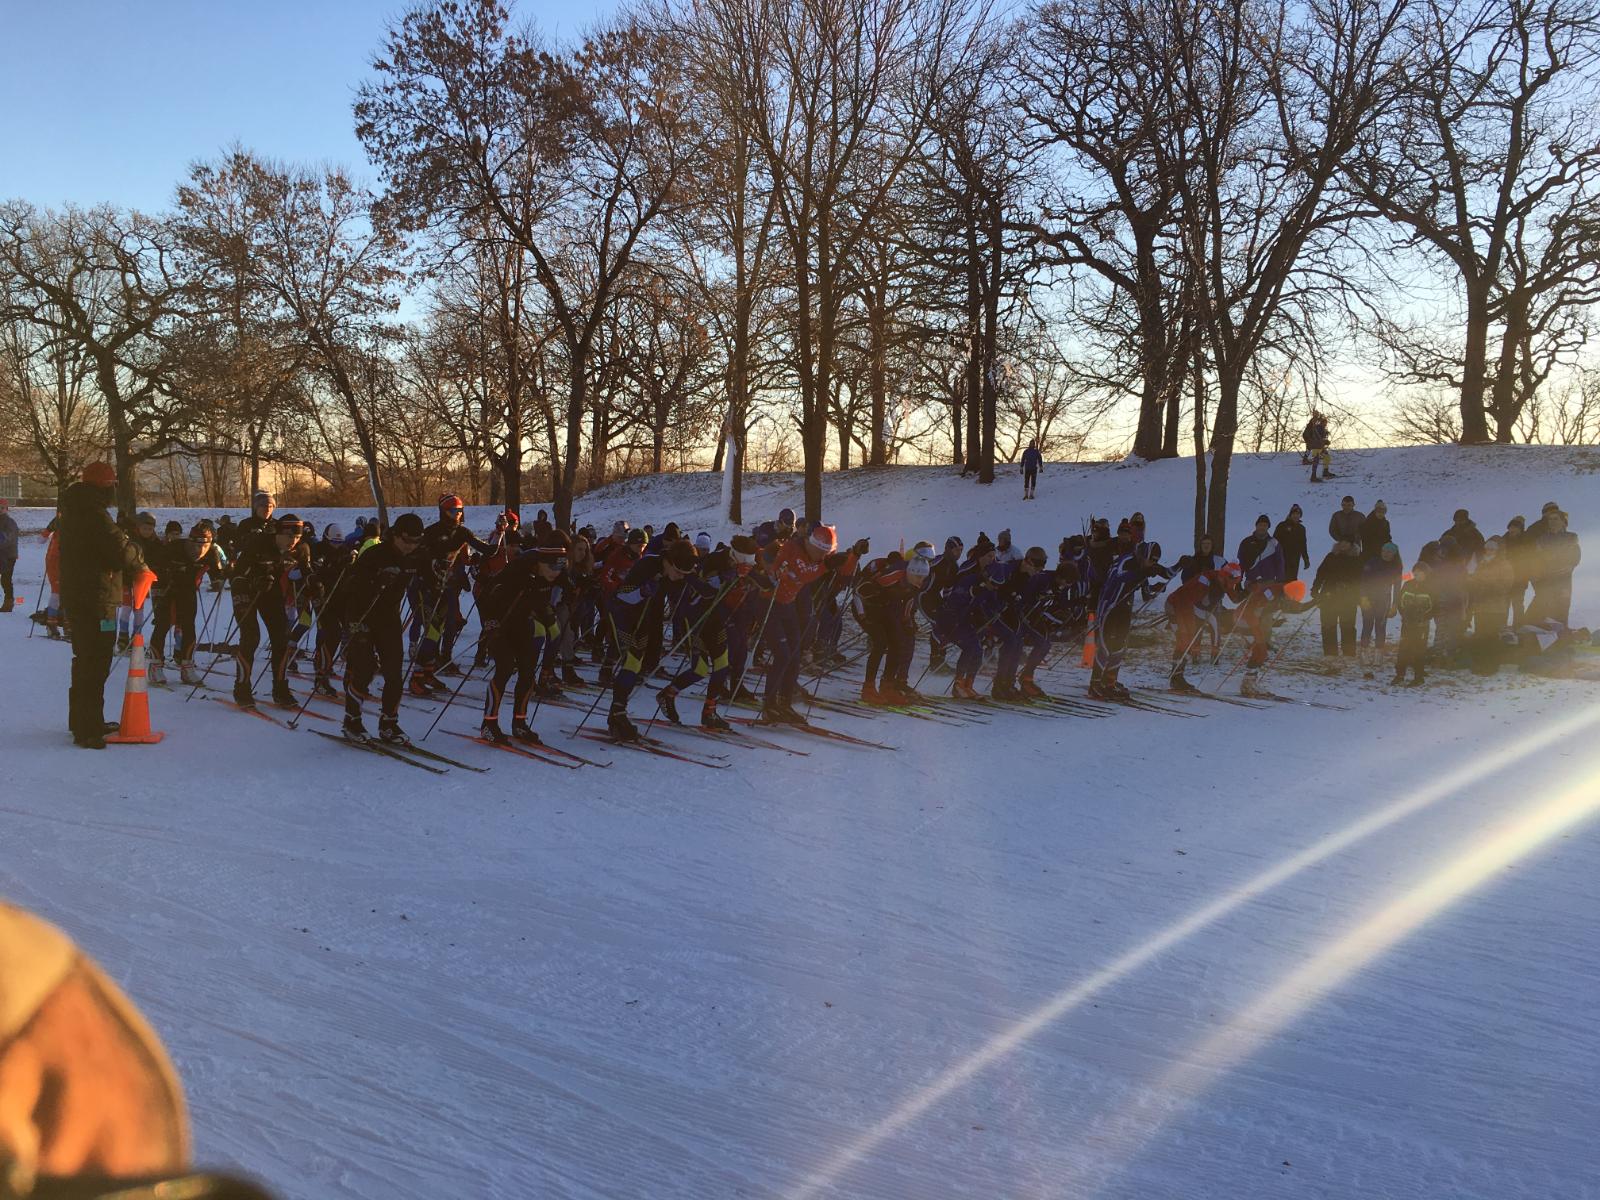 Nordic Ski Invitational at Riverside Park